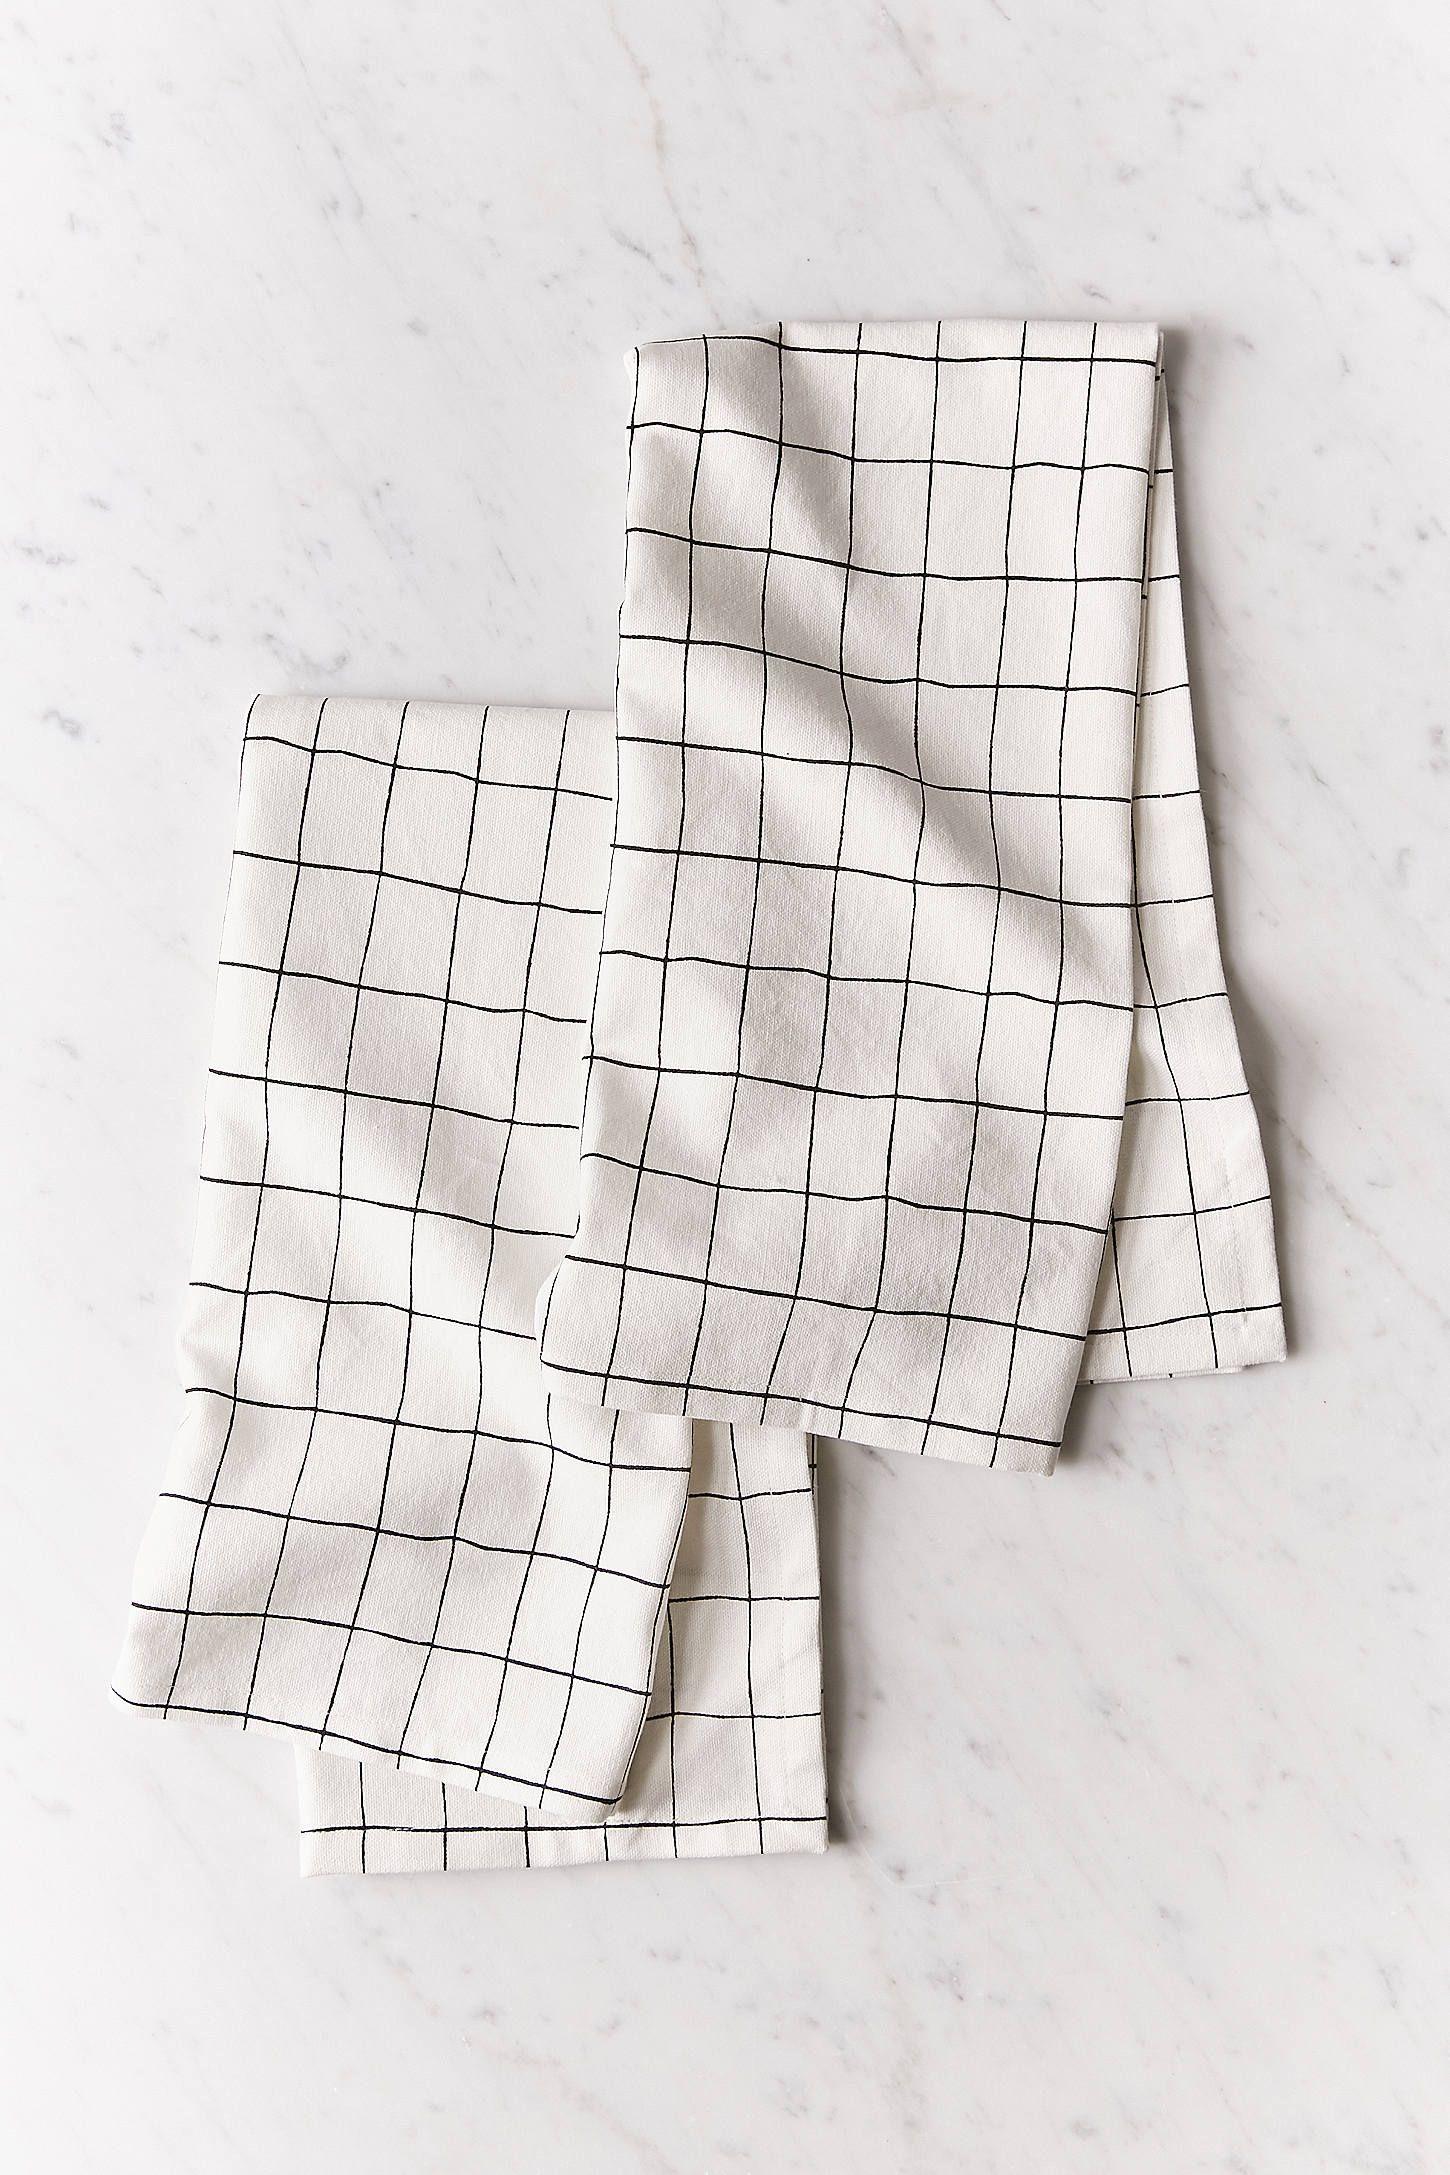 Wonky Grid Dish Towel Set Panos De Prato Pano Minimalista